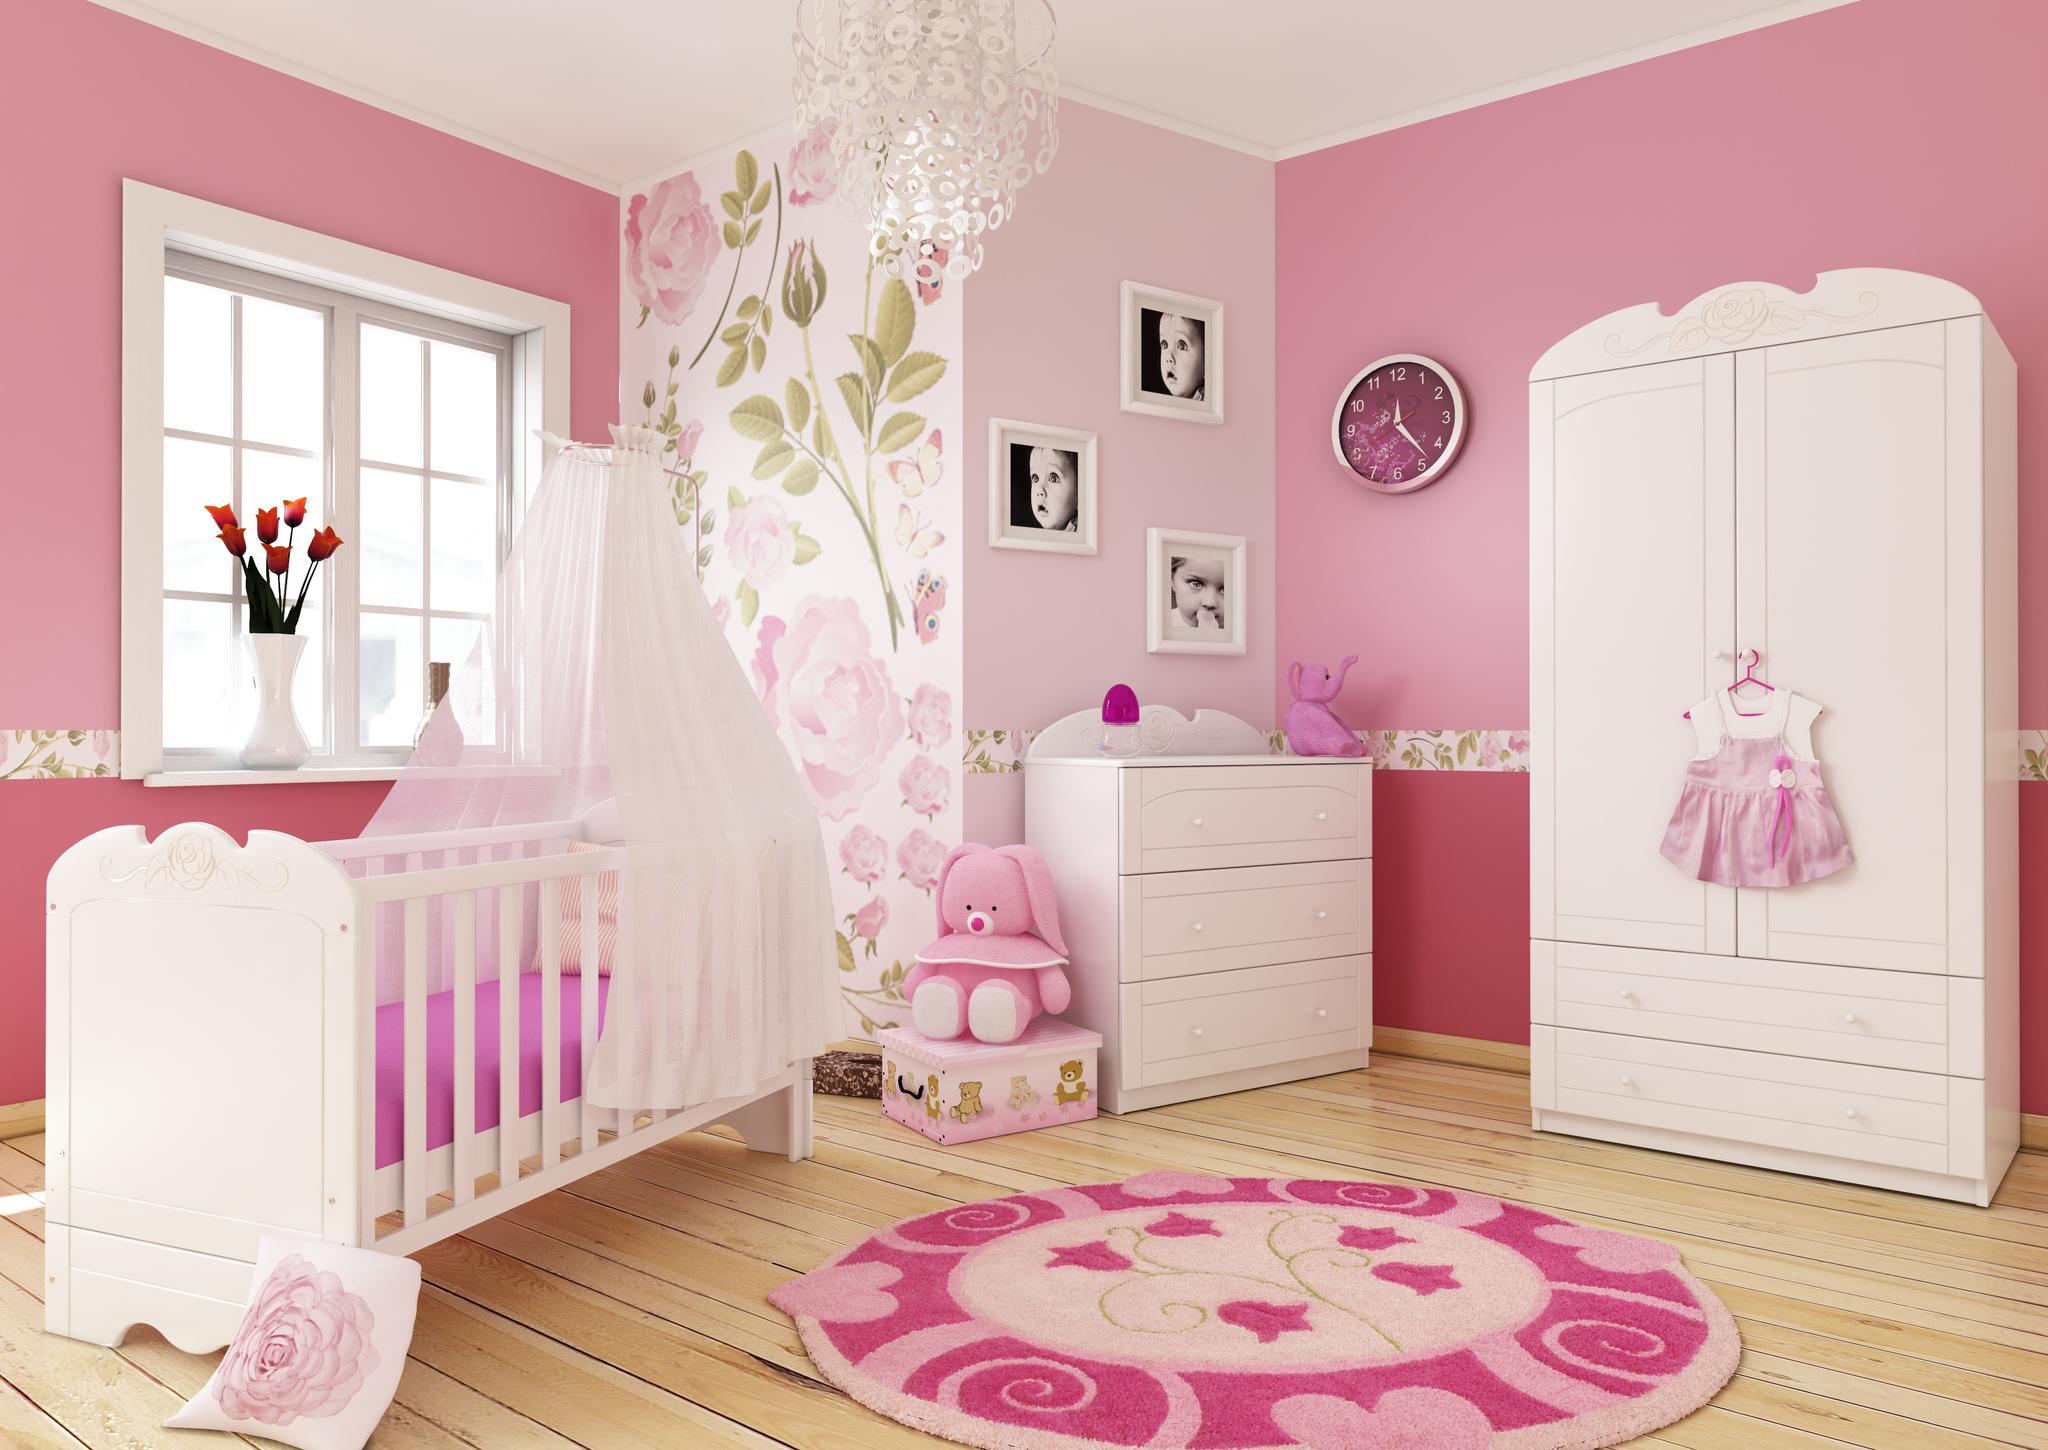 Комната новорожденного своими руками